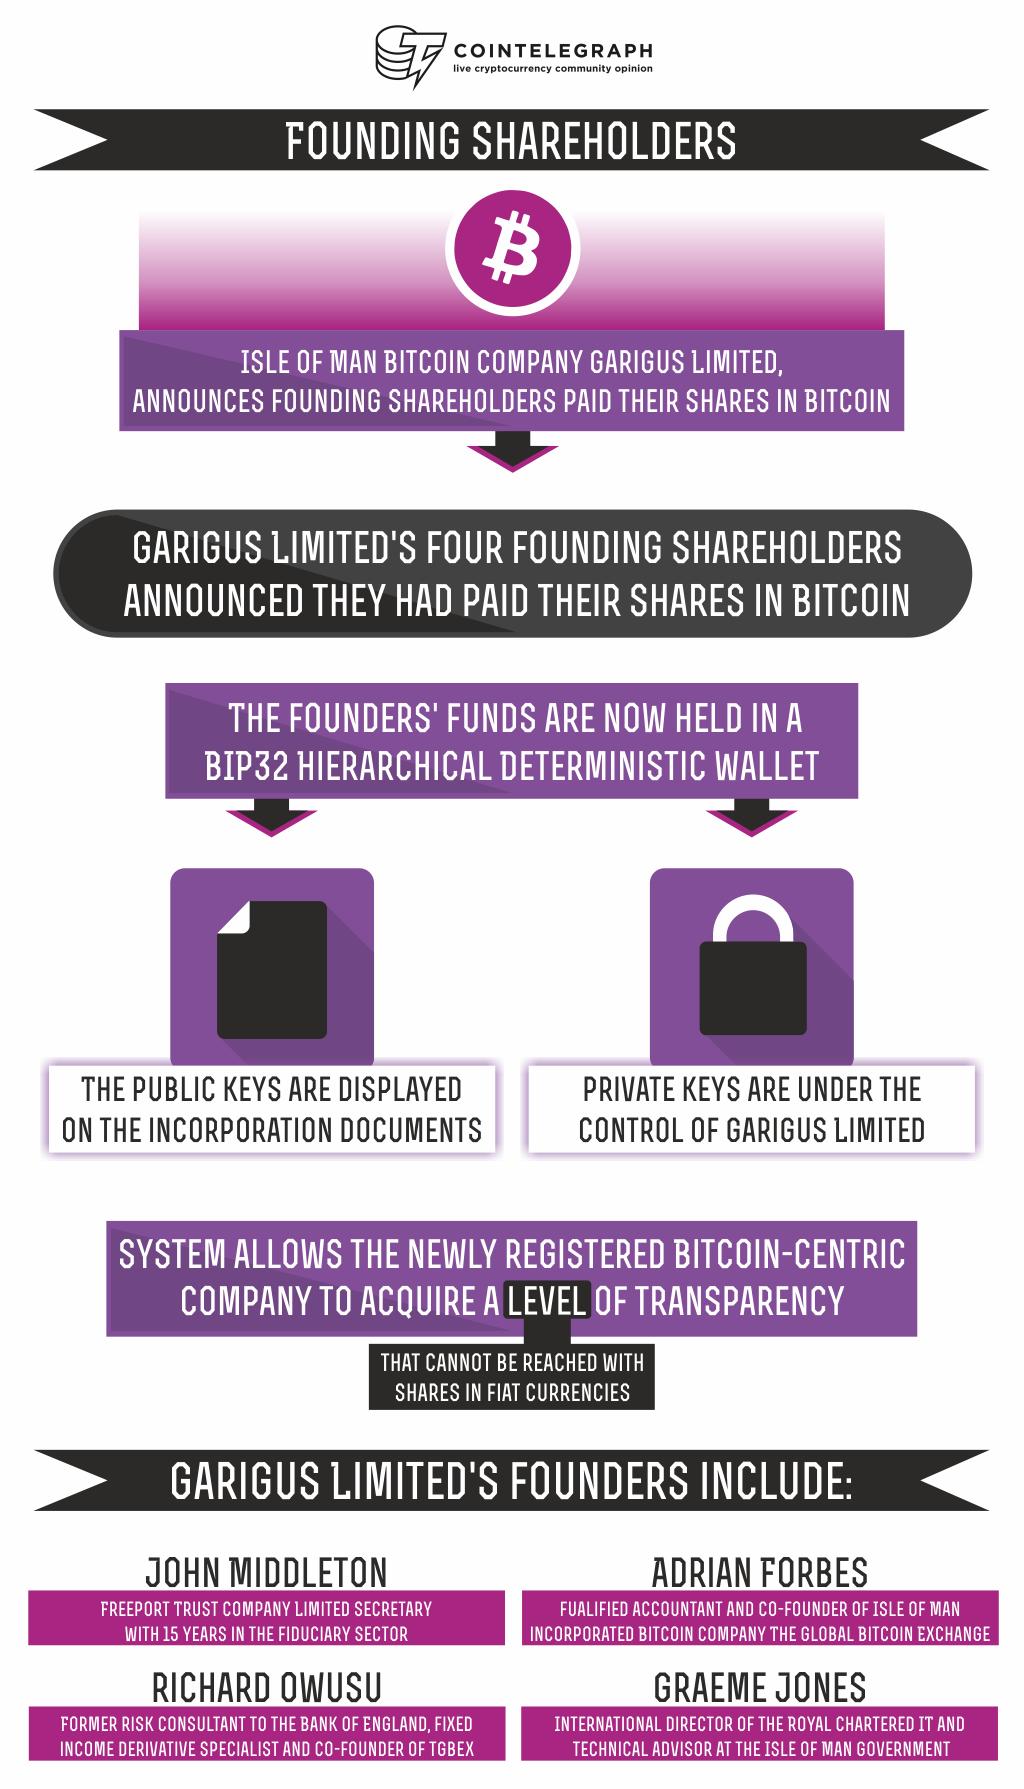 Founding Shareholders